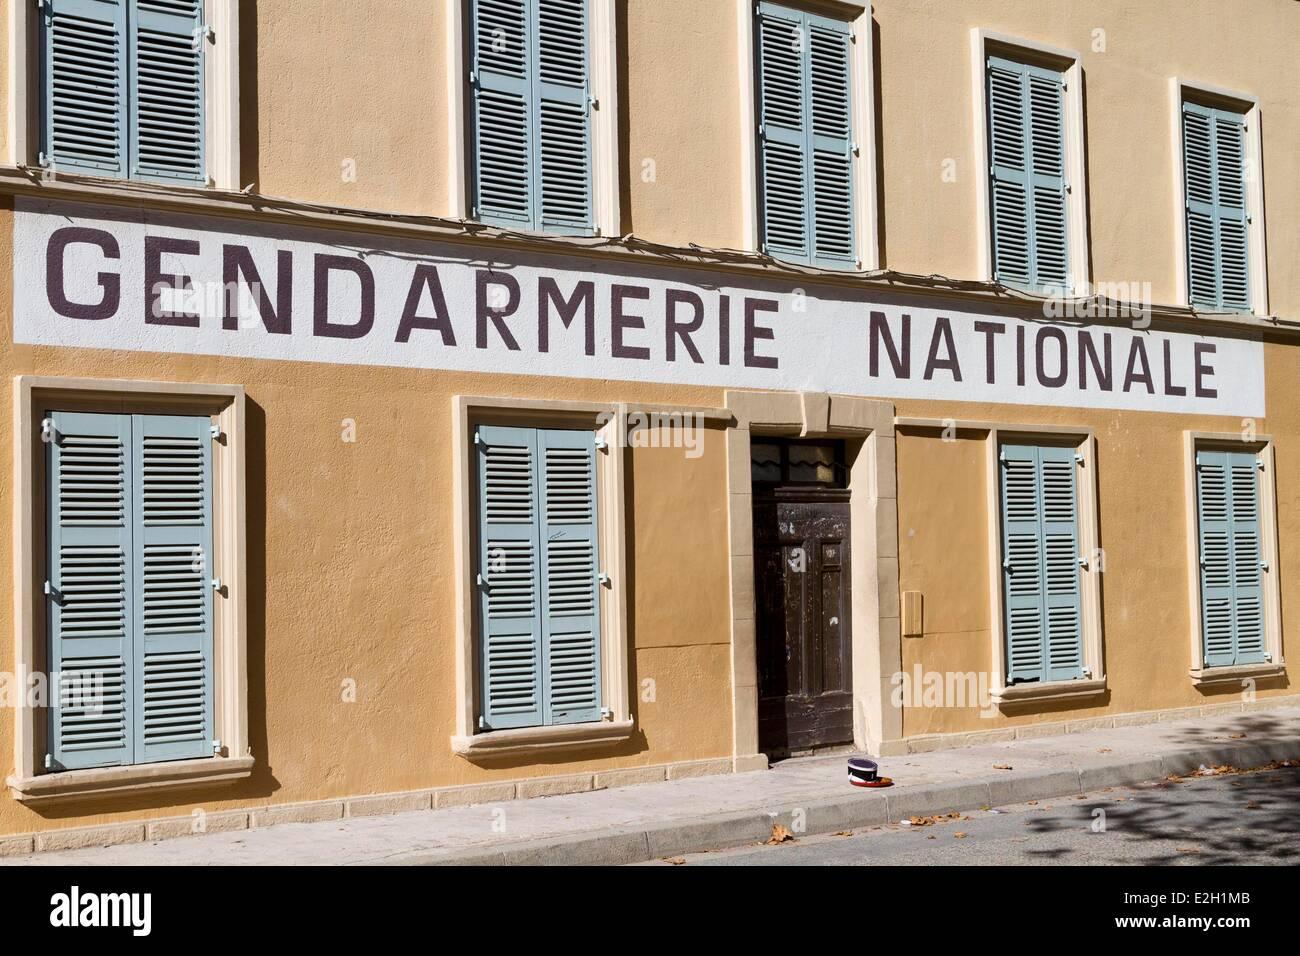 France Var Saint Tropez ancient Gendarmerie become famous thanks to movie gendarme of Saint Tropez - Stock Image